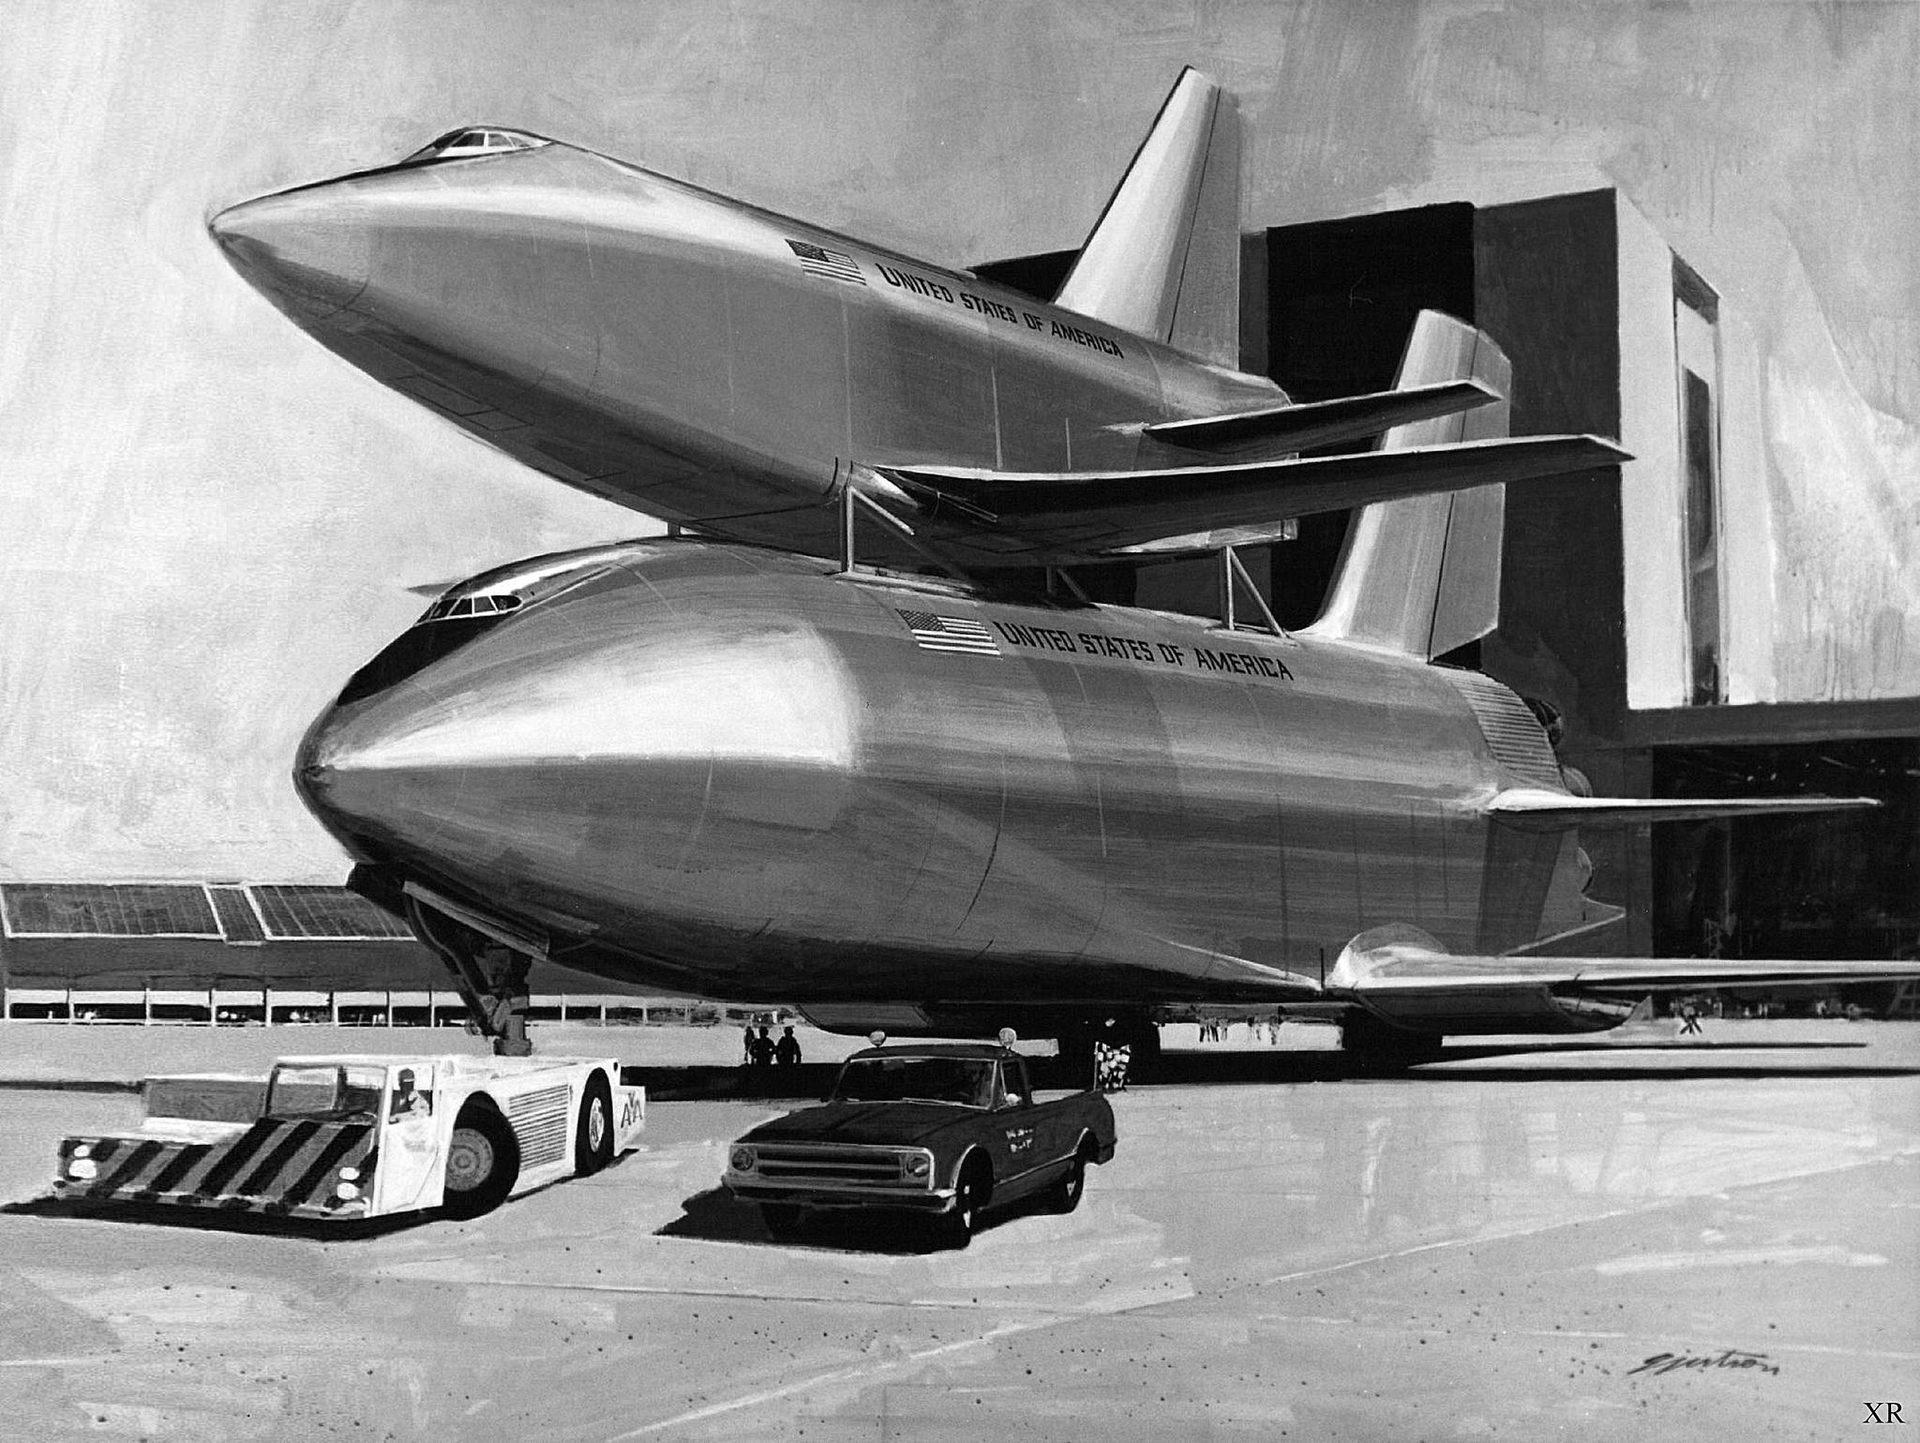 НАСА и история непостоянства задач агентства - 5